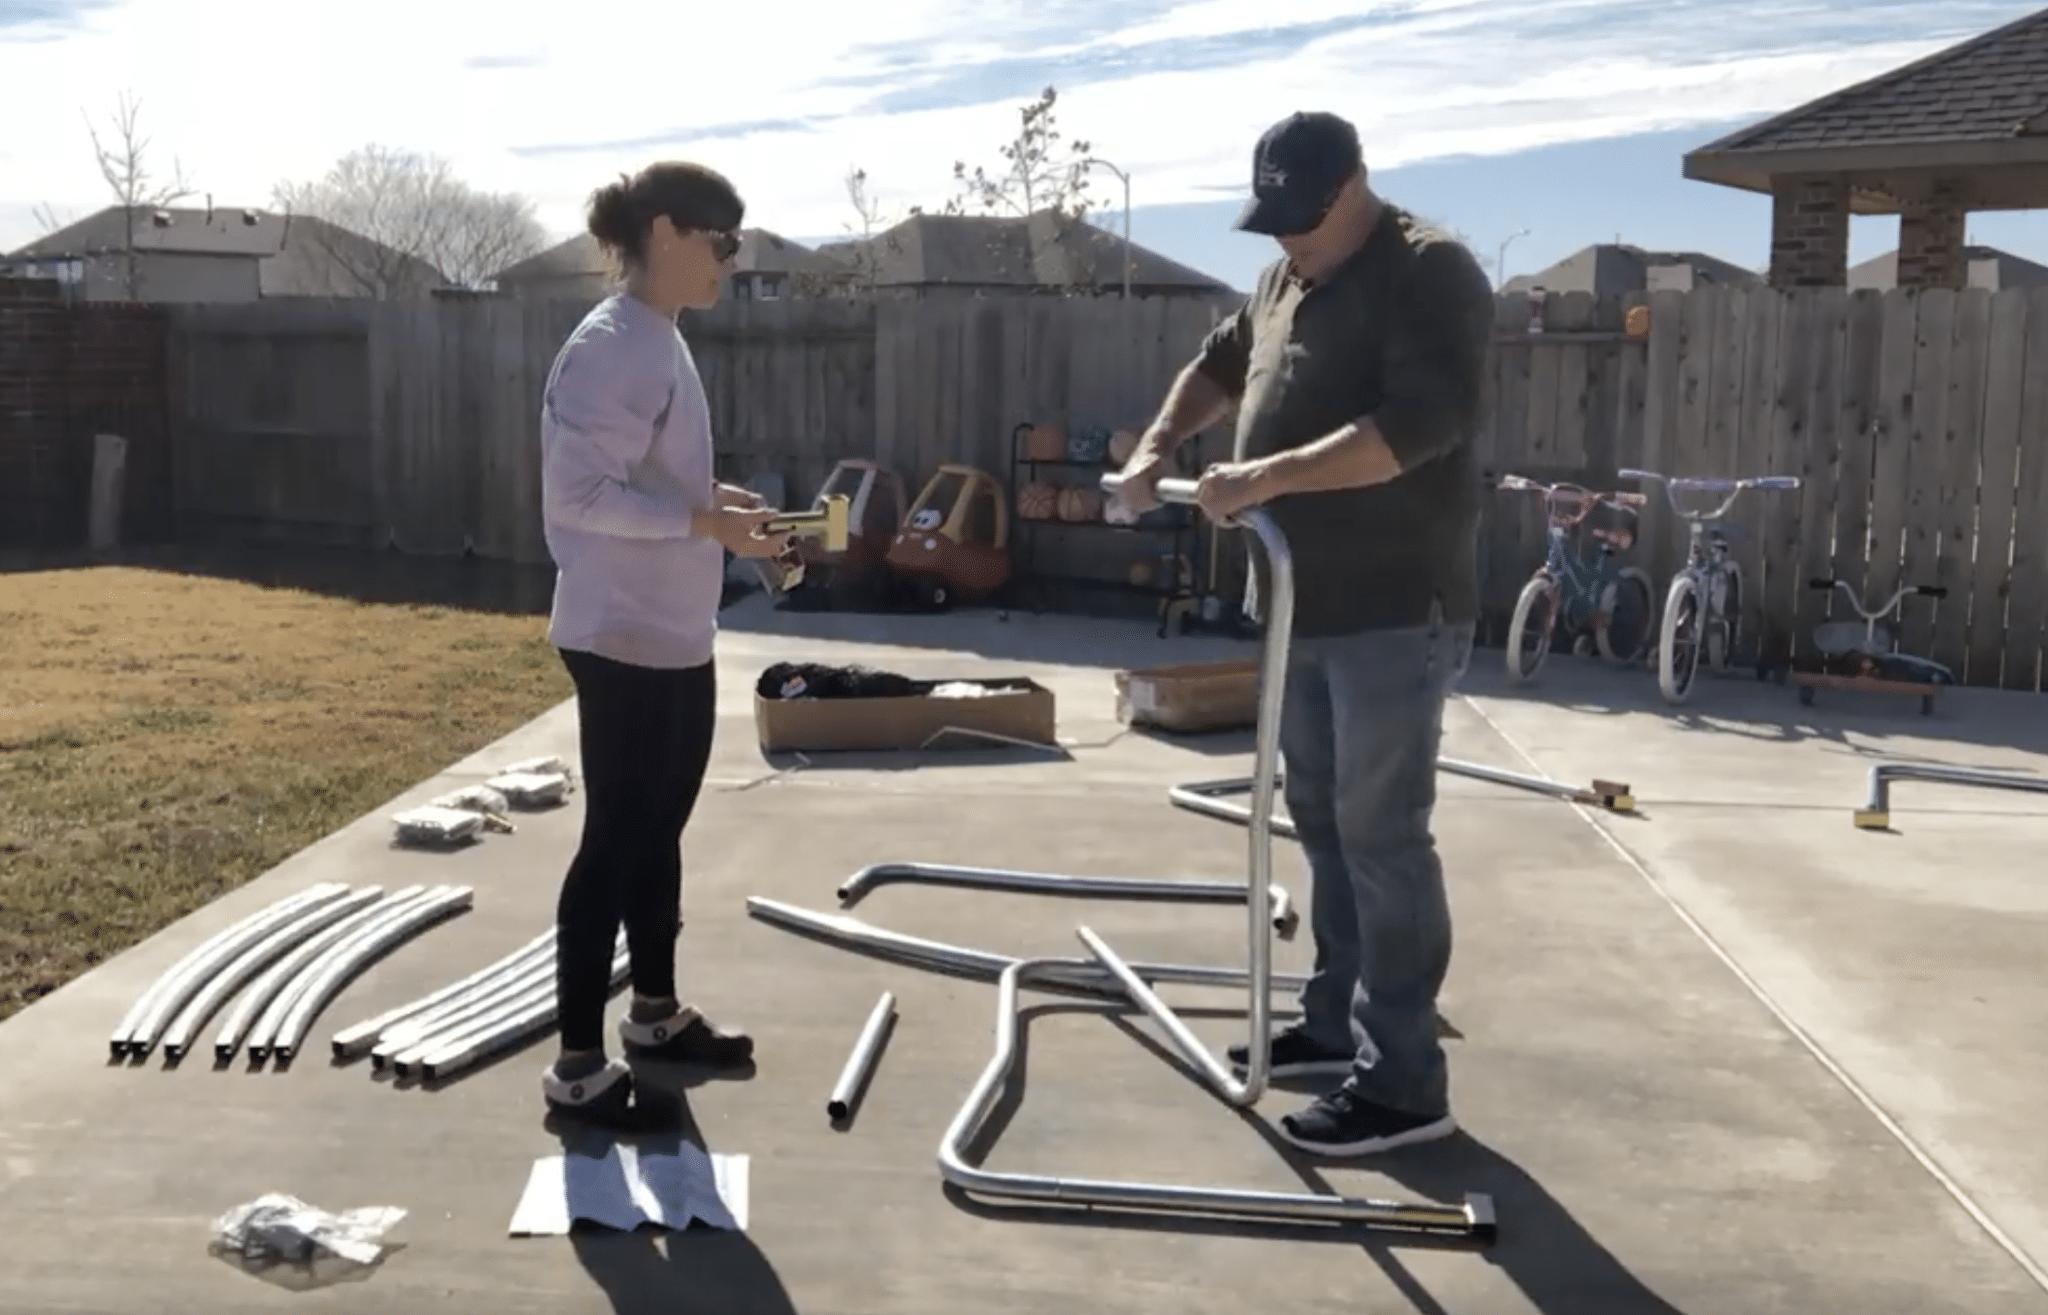 putting together jumpsport trampoline